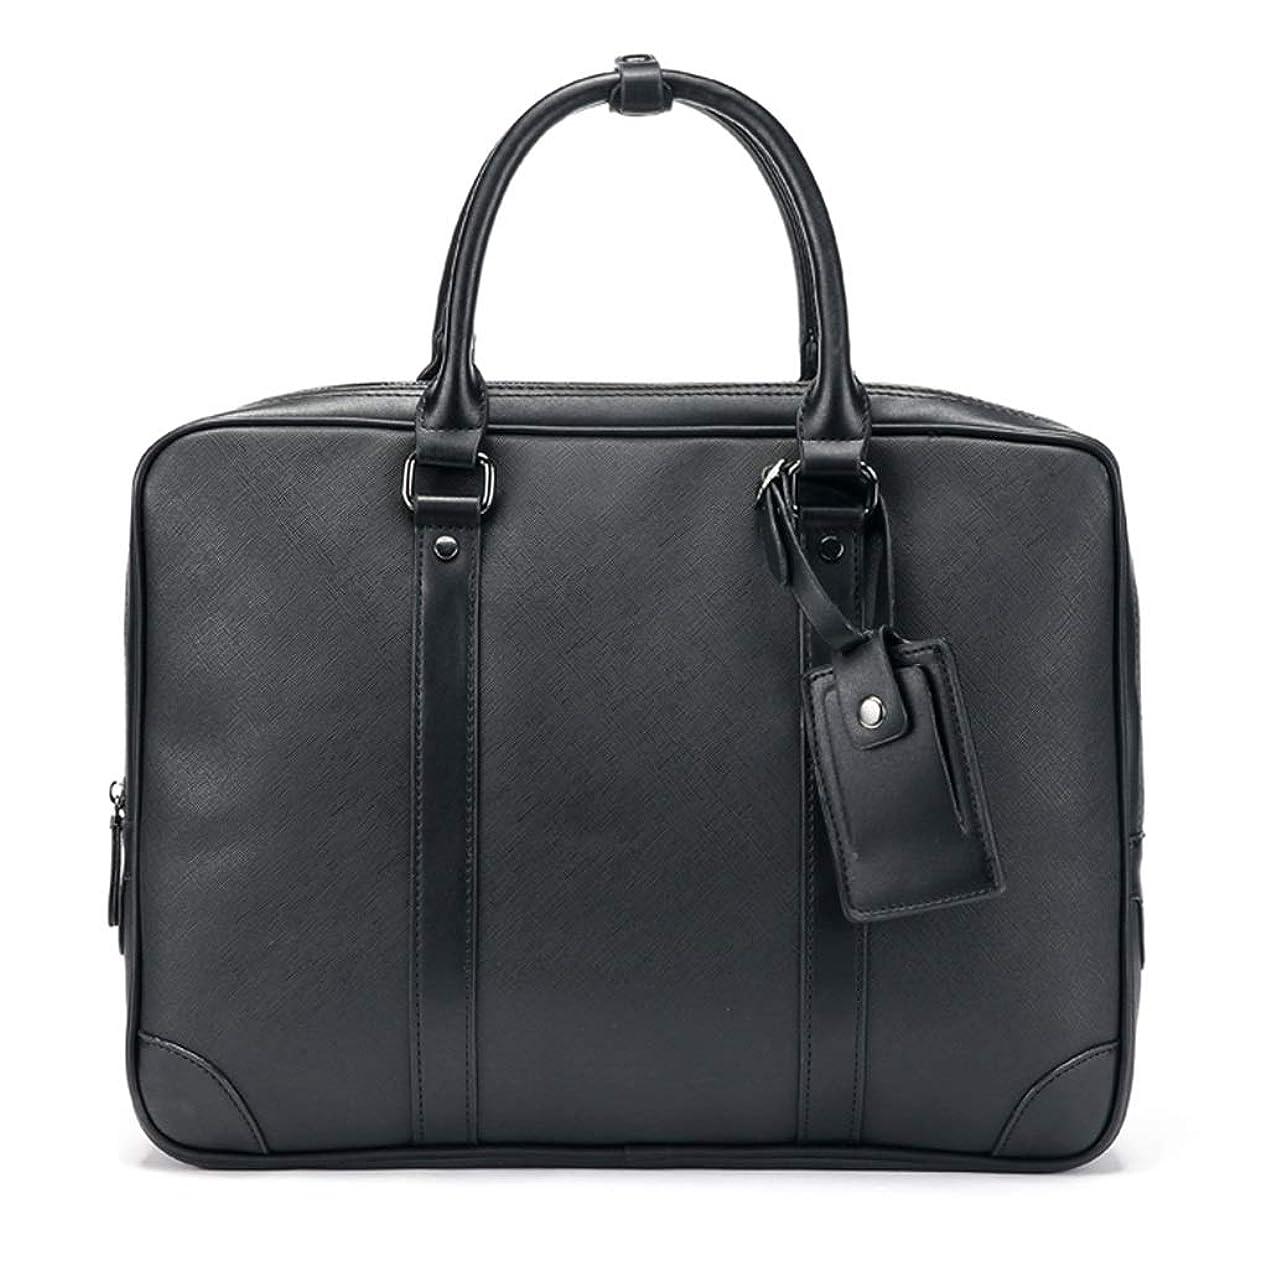 弾薬日帰り旅行に熟読するyasushoji ビジネスバック 2WAY パソコンバッグ 防水 大容量 通勤 ブリーフケース かばん 鞄 手提げ